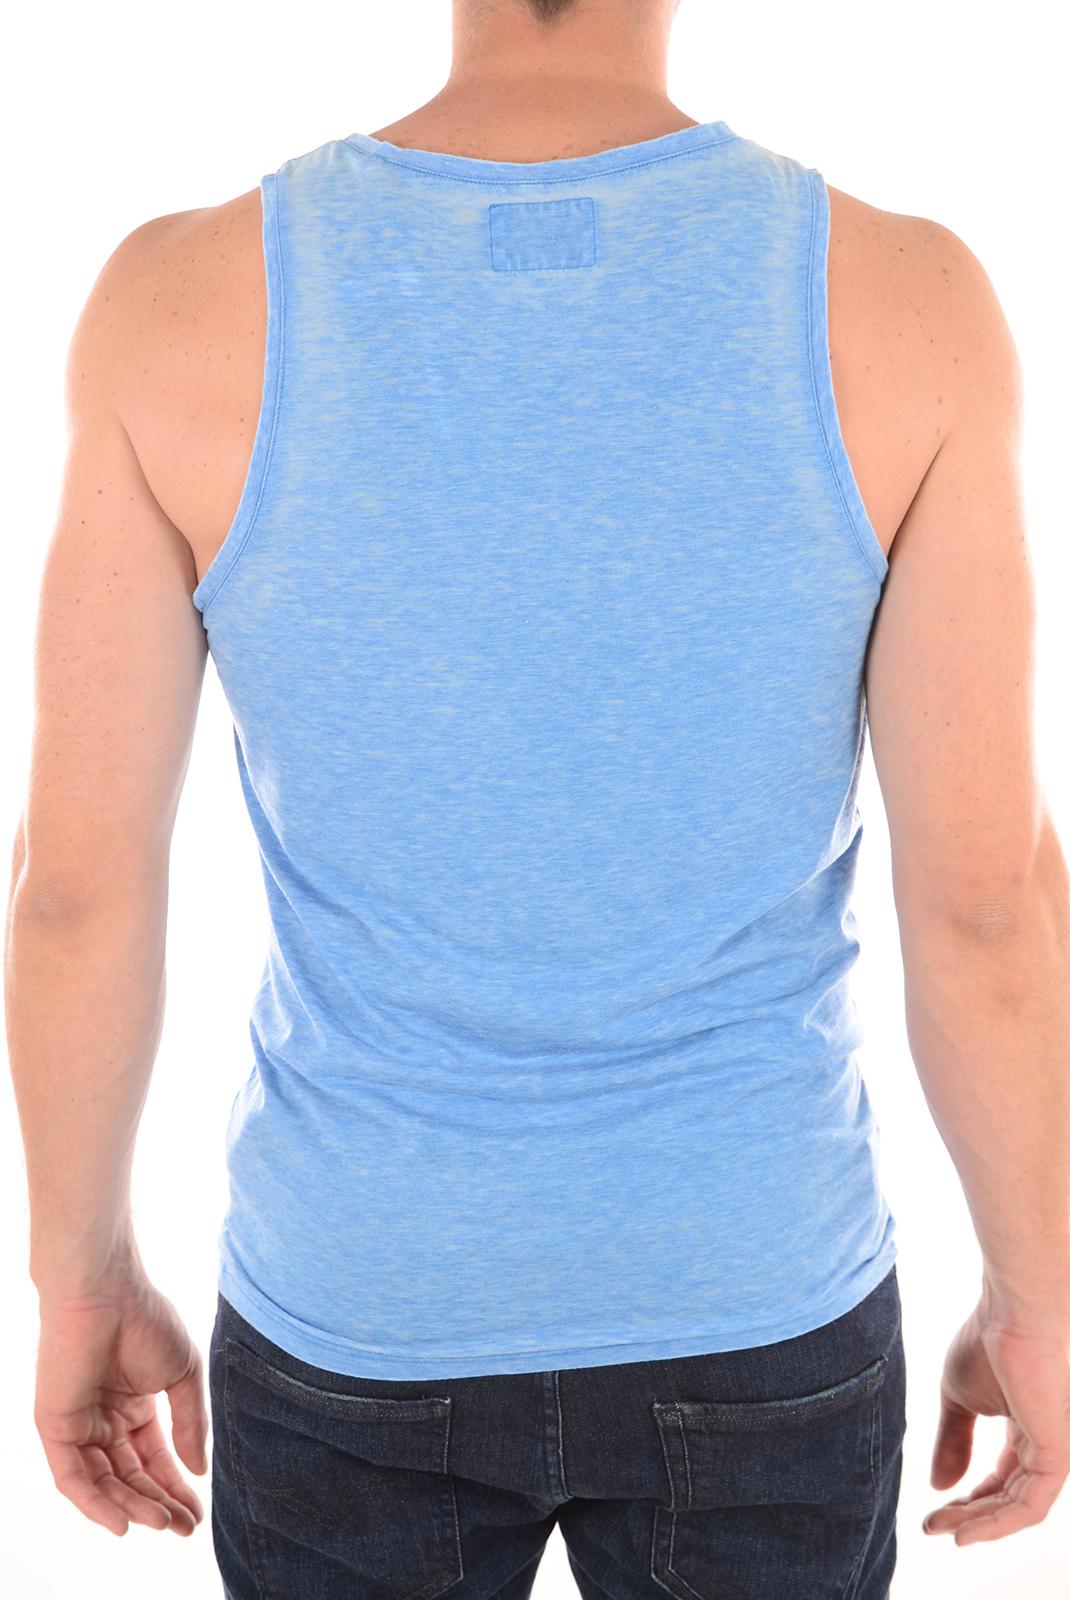 Tee-shirts  Guess jeans M61P30K4DL0 H735 BLEU